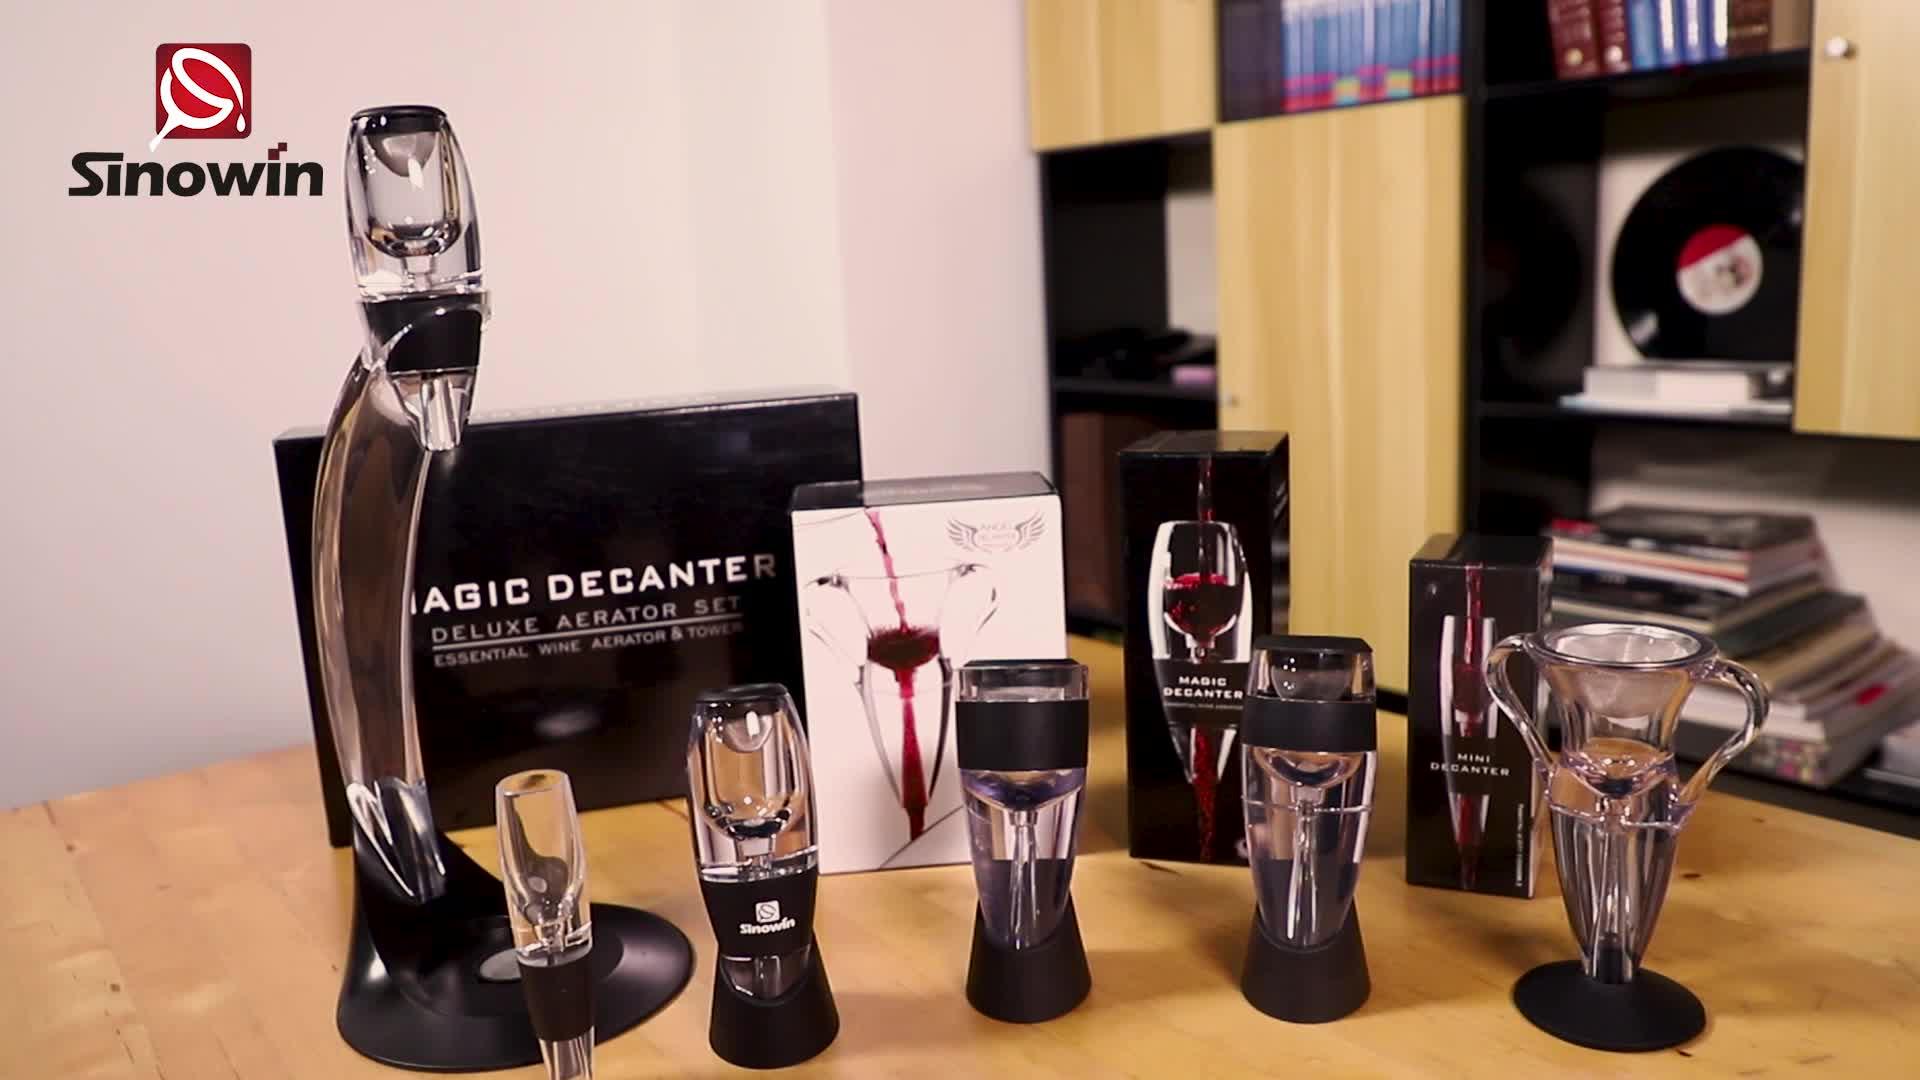 Wijn Liefhebbers Liefde de Glas Kristal Wijn Fles Veranderende Beluchting Apparaat Beste Wijn Gift Set voor Bar